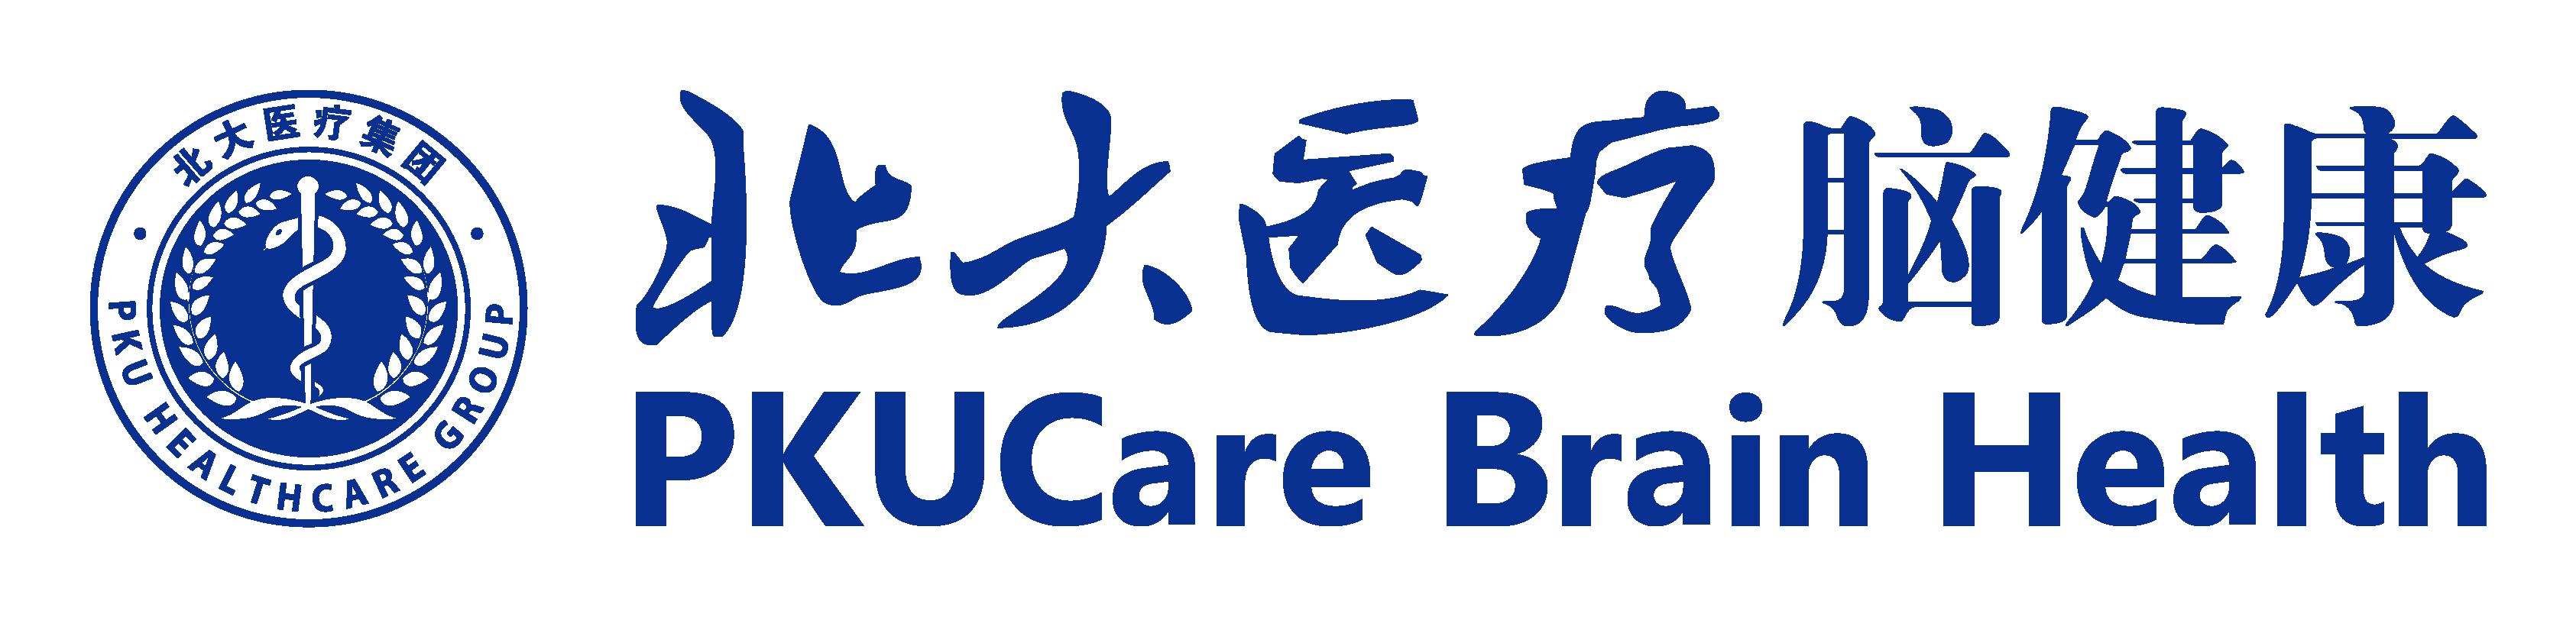 北京北大医疗脑健康科技有限公司